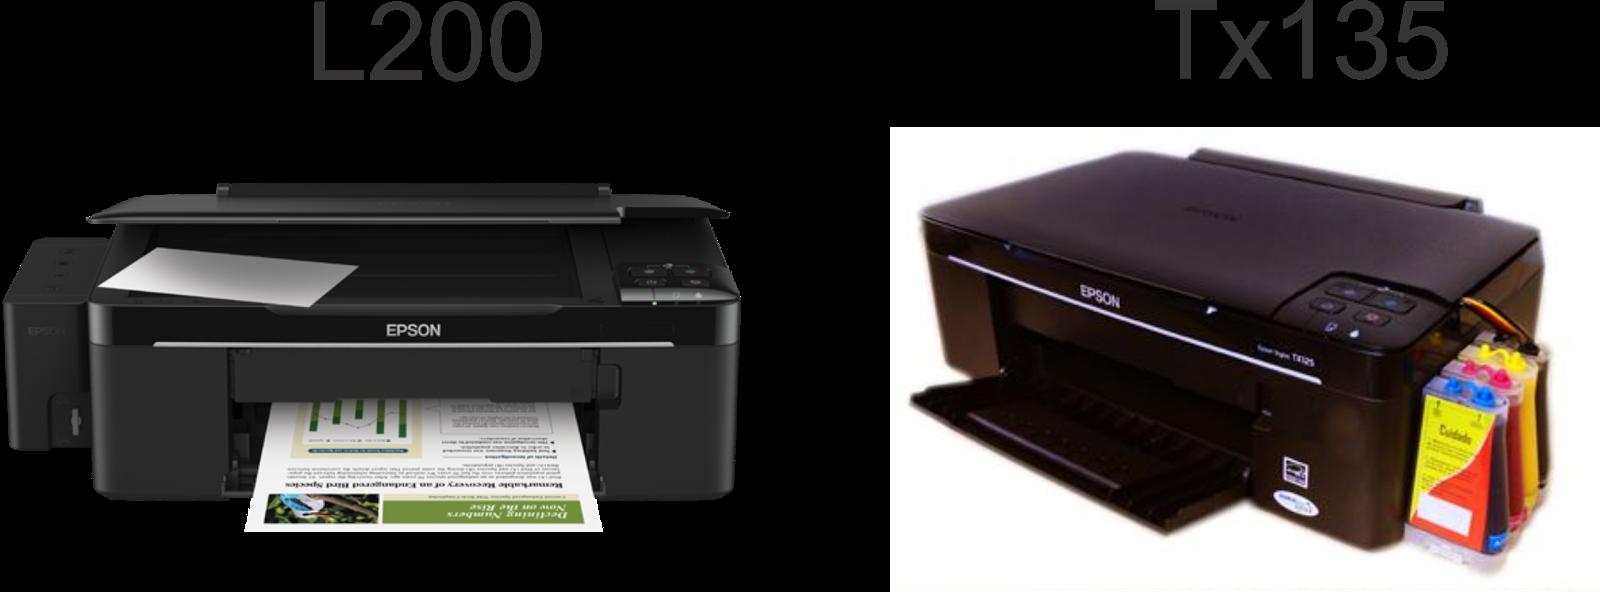 Acabo de cotar um frasco de tintas para L200 em um das maiores redes de  distribuição de Epson na internet e o produto encontra indisponível e no  anúncio não ...